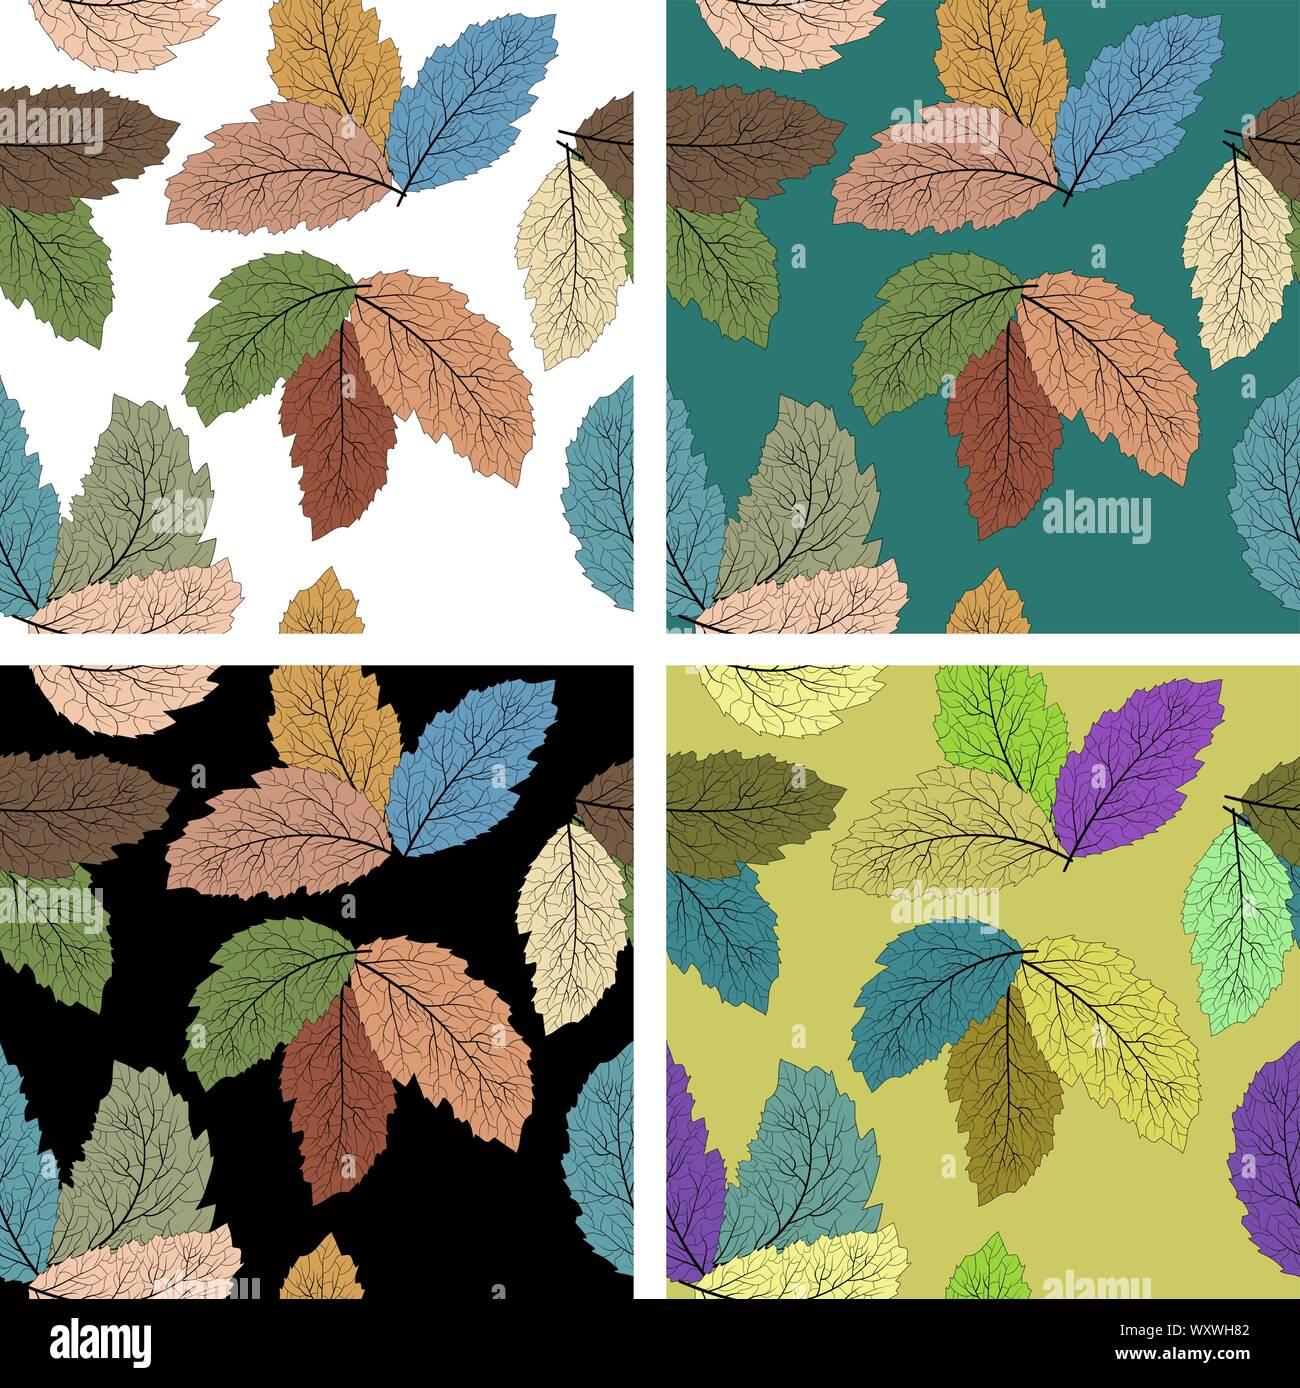 Caricature moderne libre de feuilles pour la décoration design. Carte de télévision. Arrière-plan de l'espace. Gros plan abstrait sur fond blanc. Modèle vectoriel continu Illustration de Vecteur